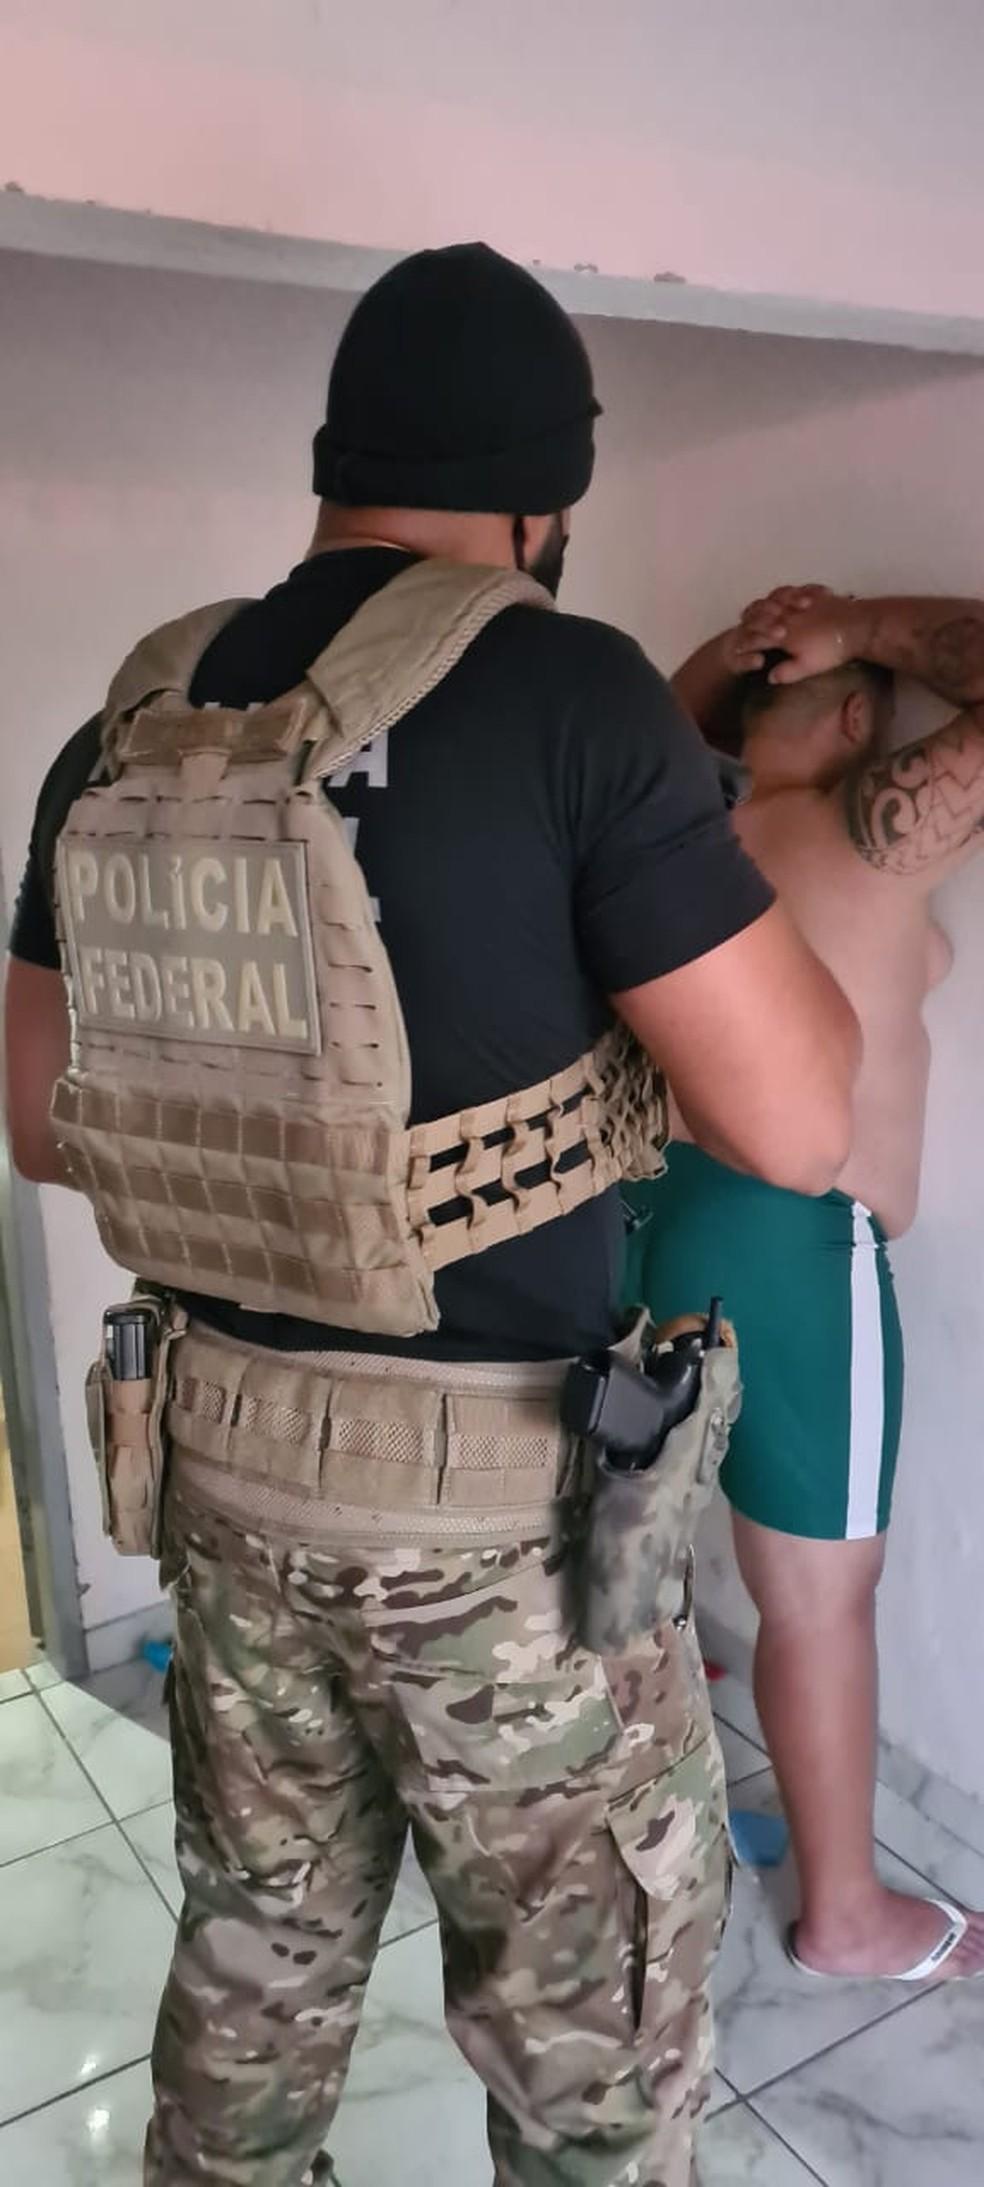 Organização criminosa suspeita de financiar candidatos políticos é alvo de uma operação da Polícia Federal nesta quarta-feira (11) em Barra do Garças — Foto: Polícia Federal de Mato Grosso